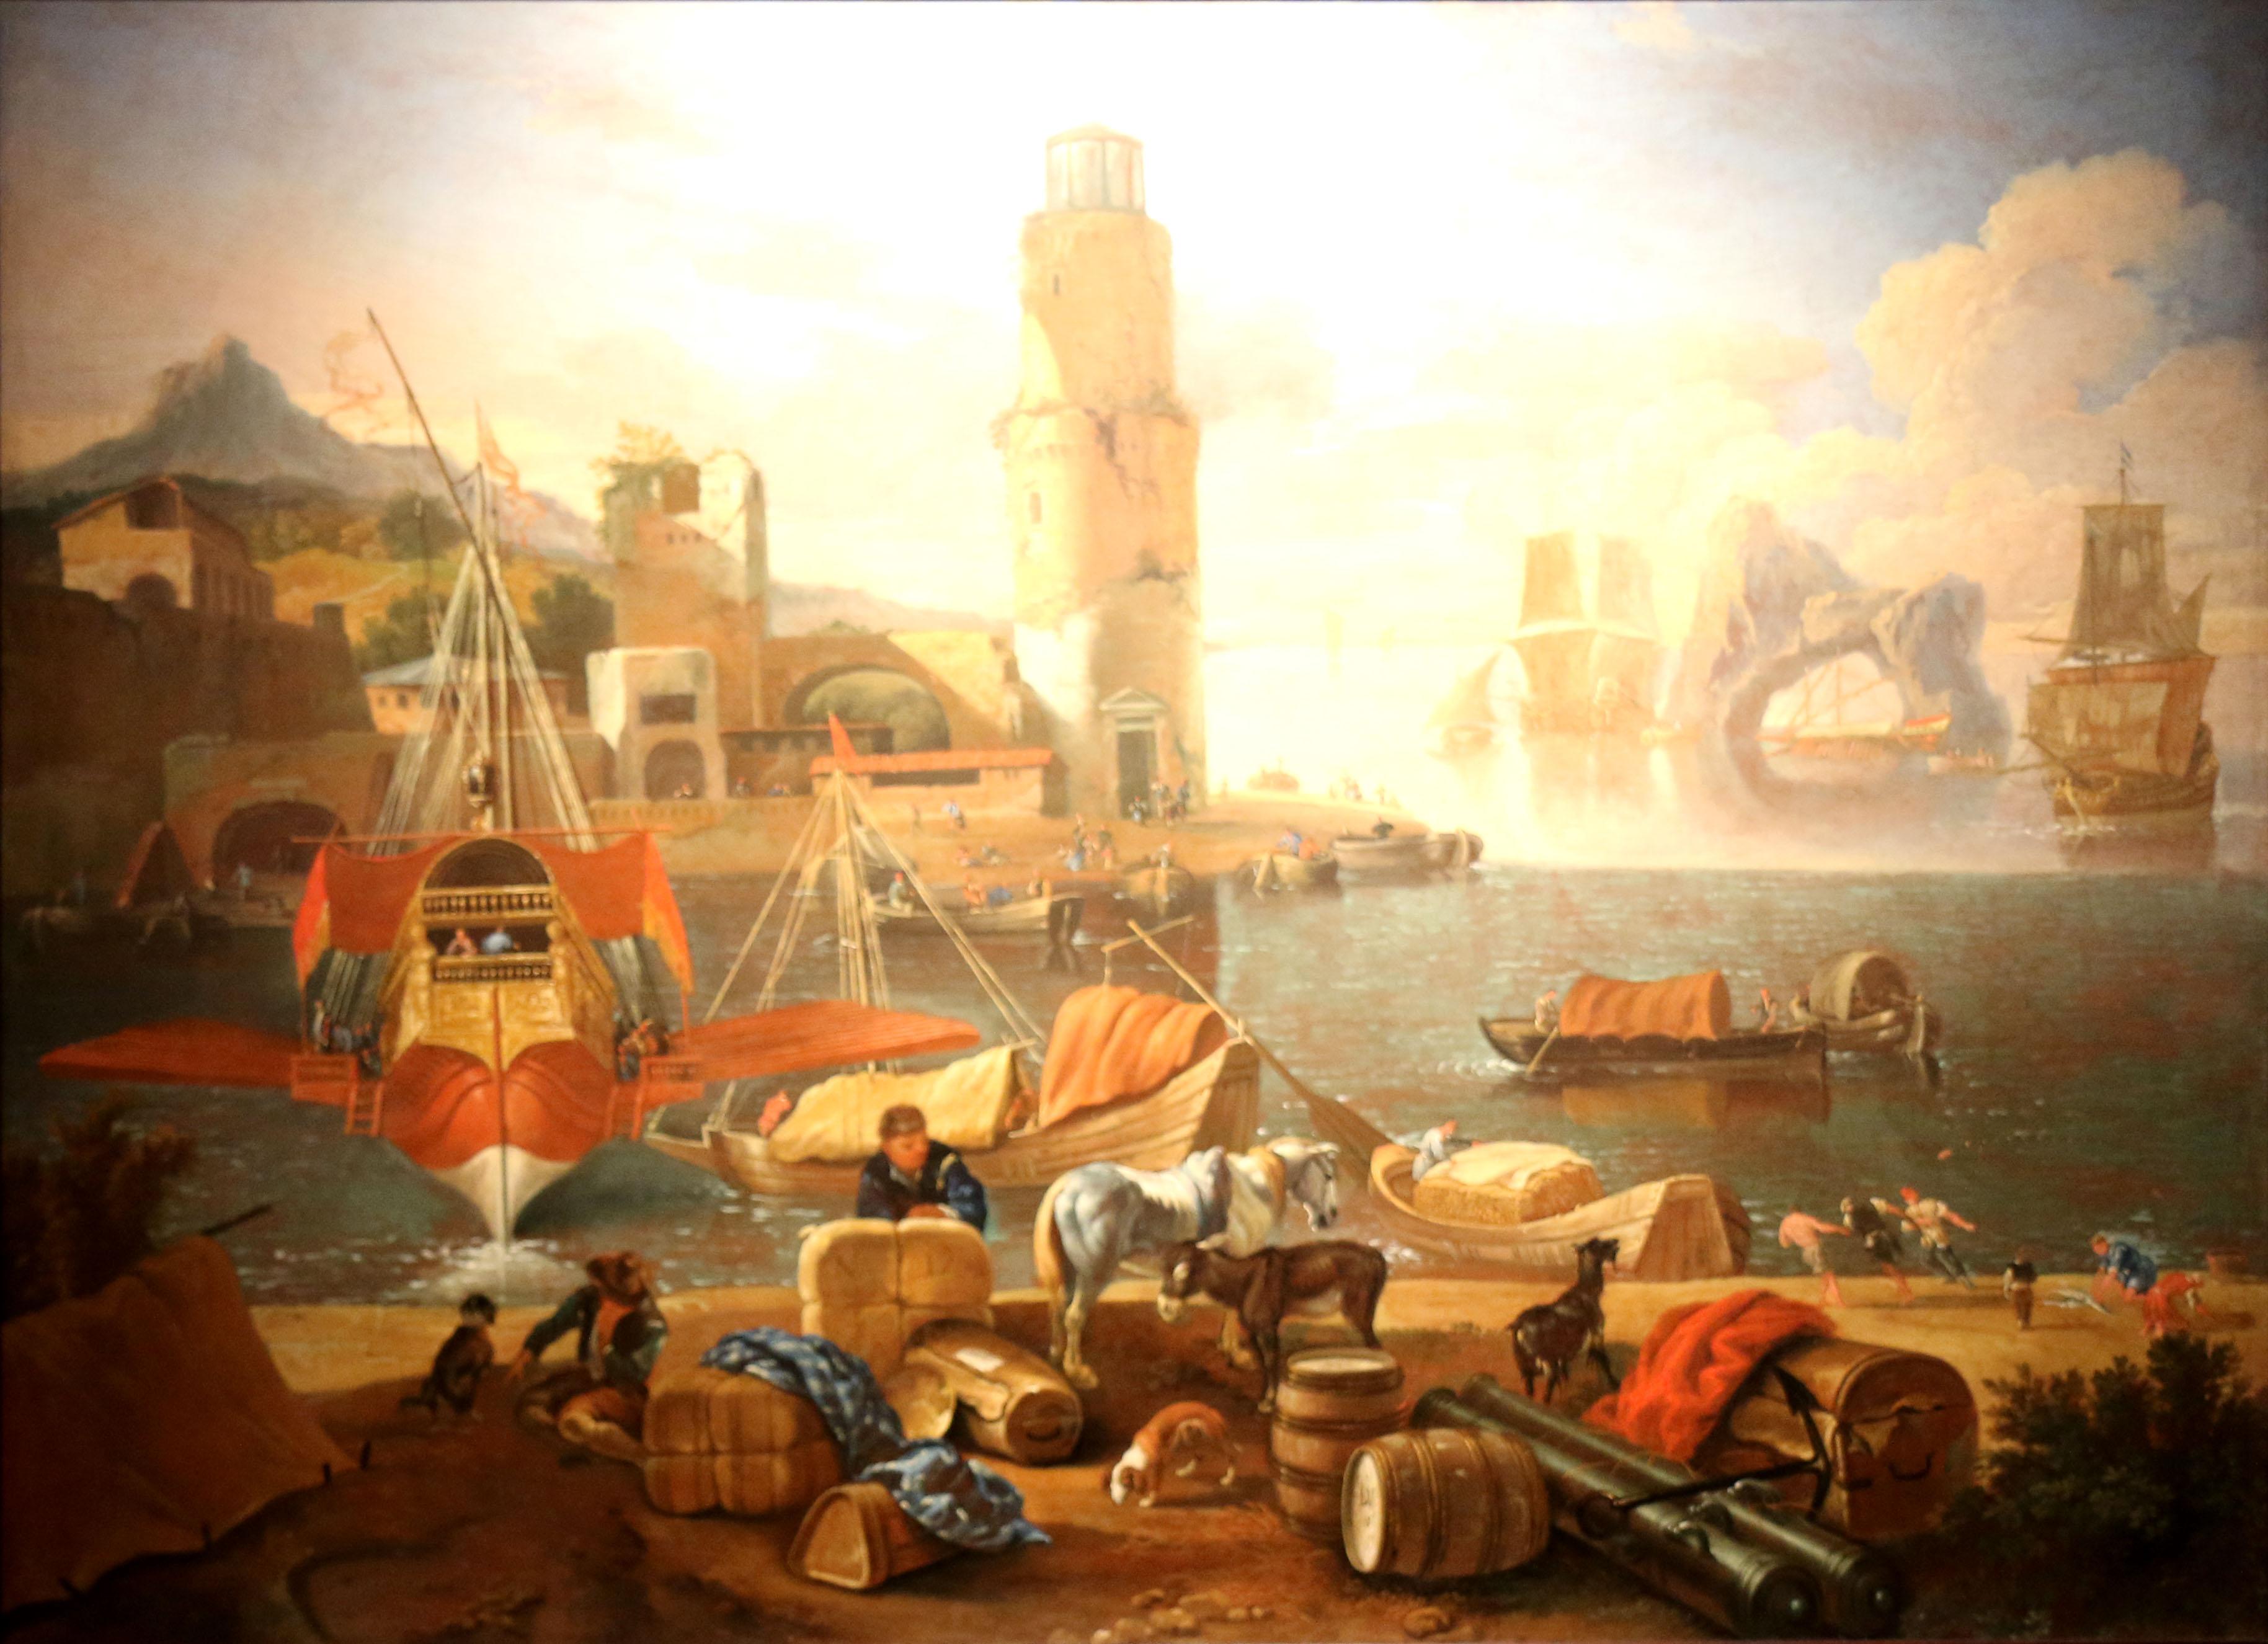 File:Abraham Storck - Vue d'un port méridional.jpg - Wikimedia Commons